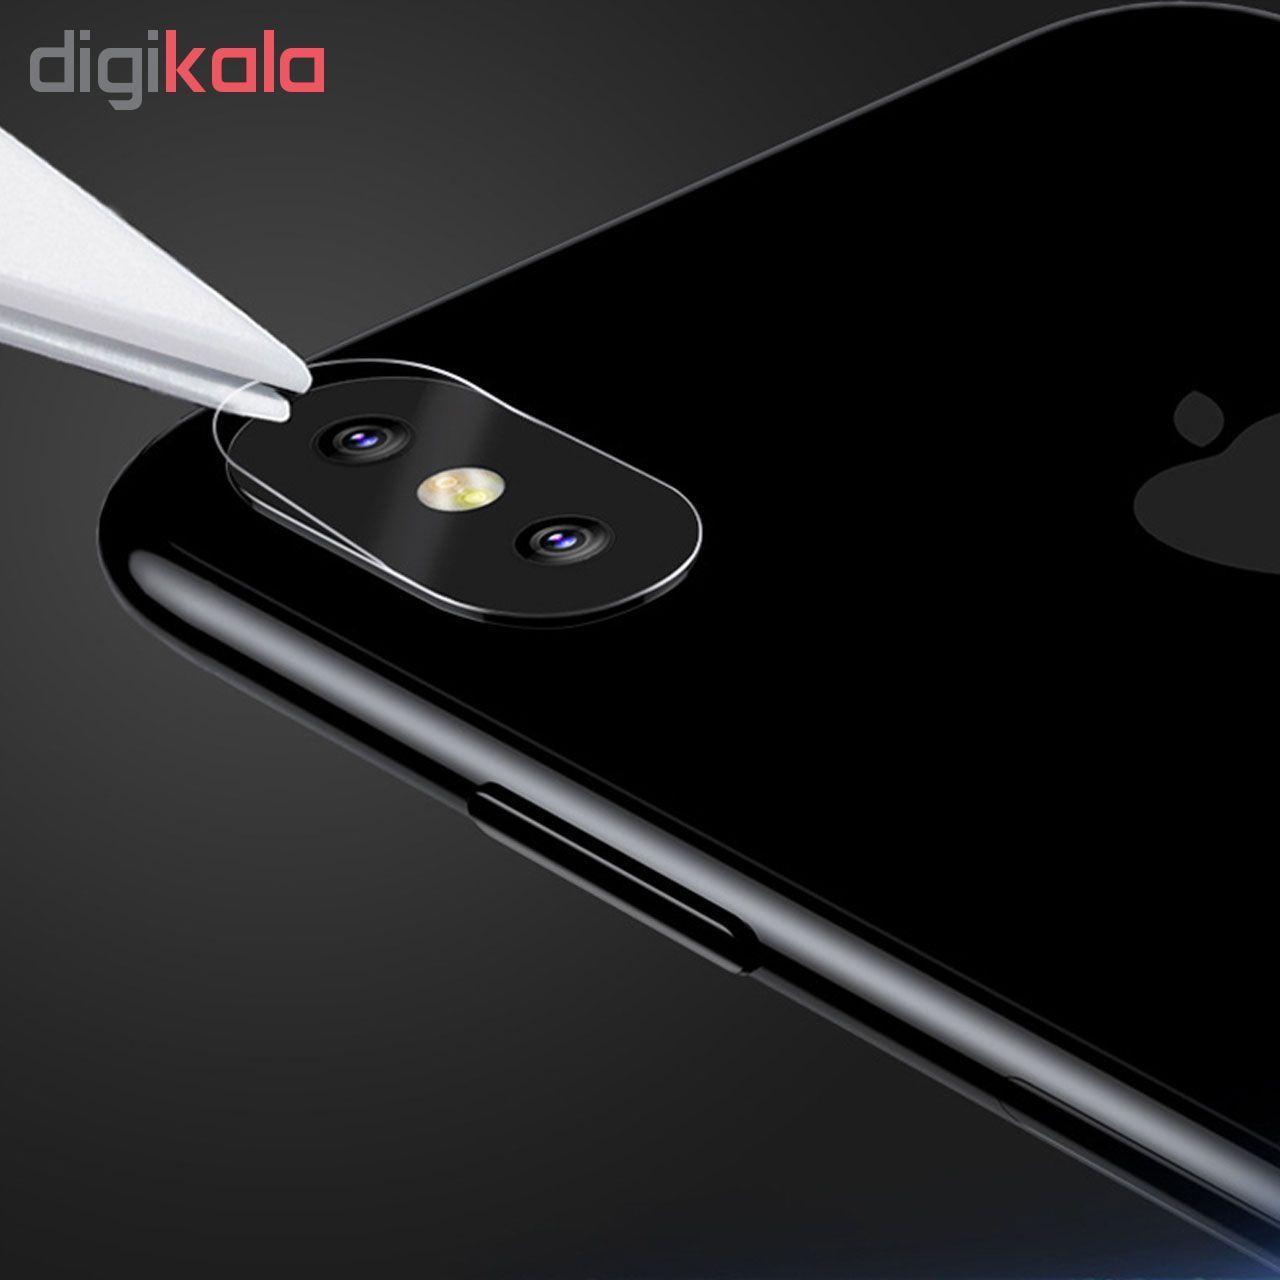 محافظ لنز دوربین هورس مدل UTF مناسب برای گوشی موبایل اپل iPhone 8 Plus بسته سه عددی  main 1 5